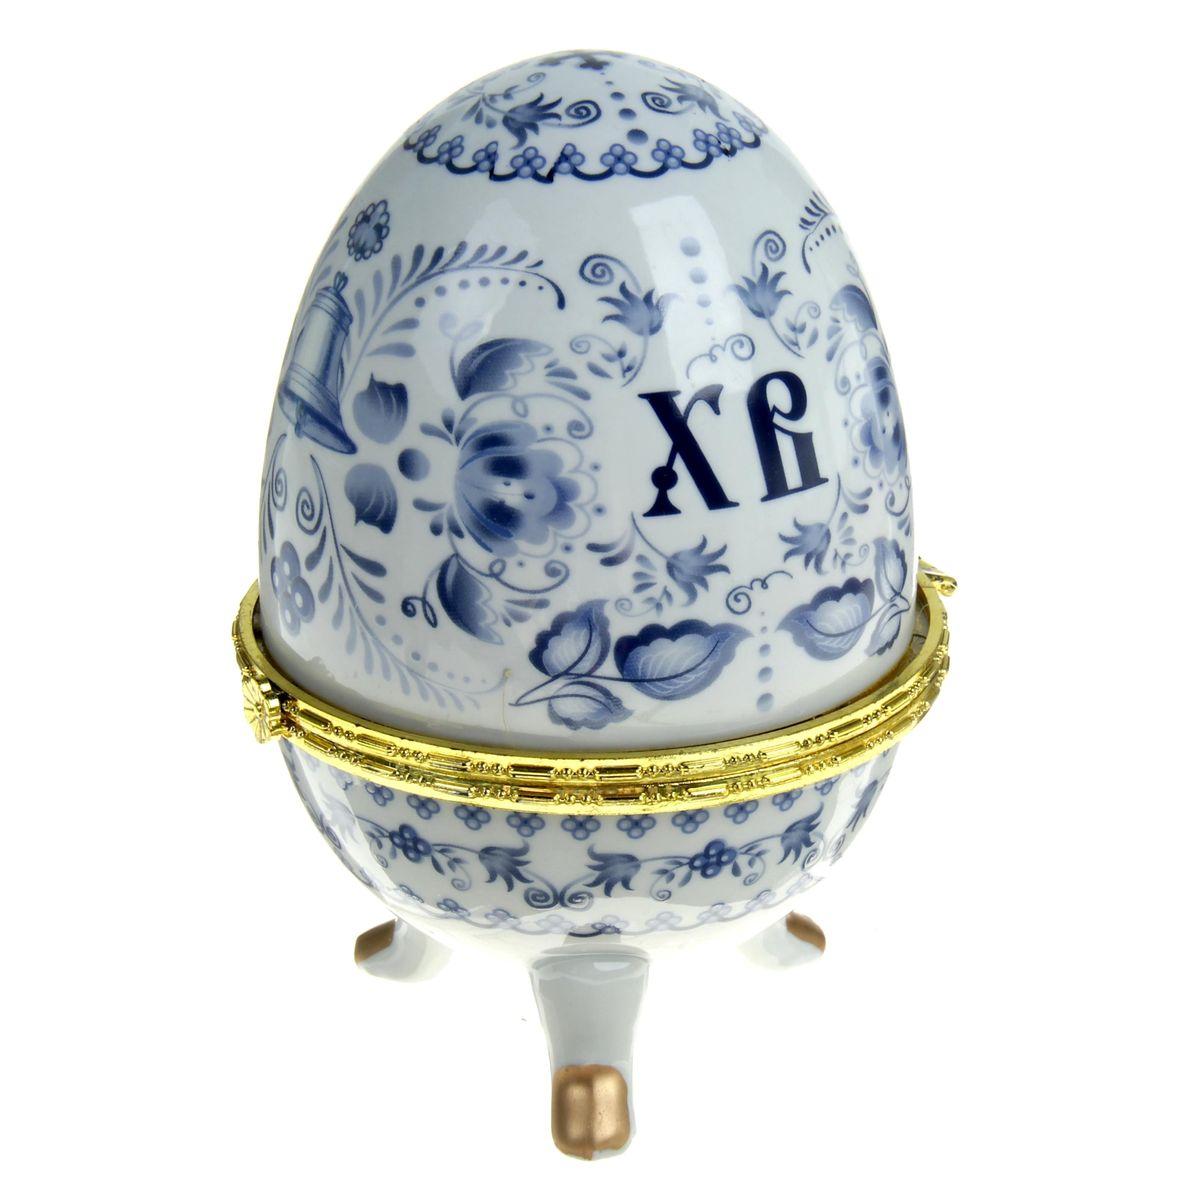 Яйцо-шкатулка Sima-land Гжель, высота 15 см подсвечник декоративный sima land обезьянка в шарфике на шаре высота 13 3 см